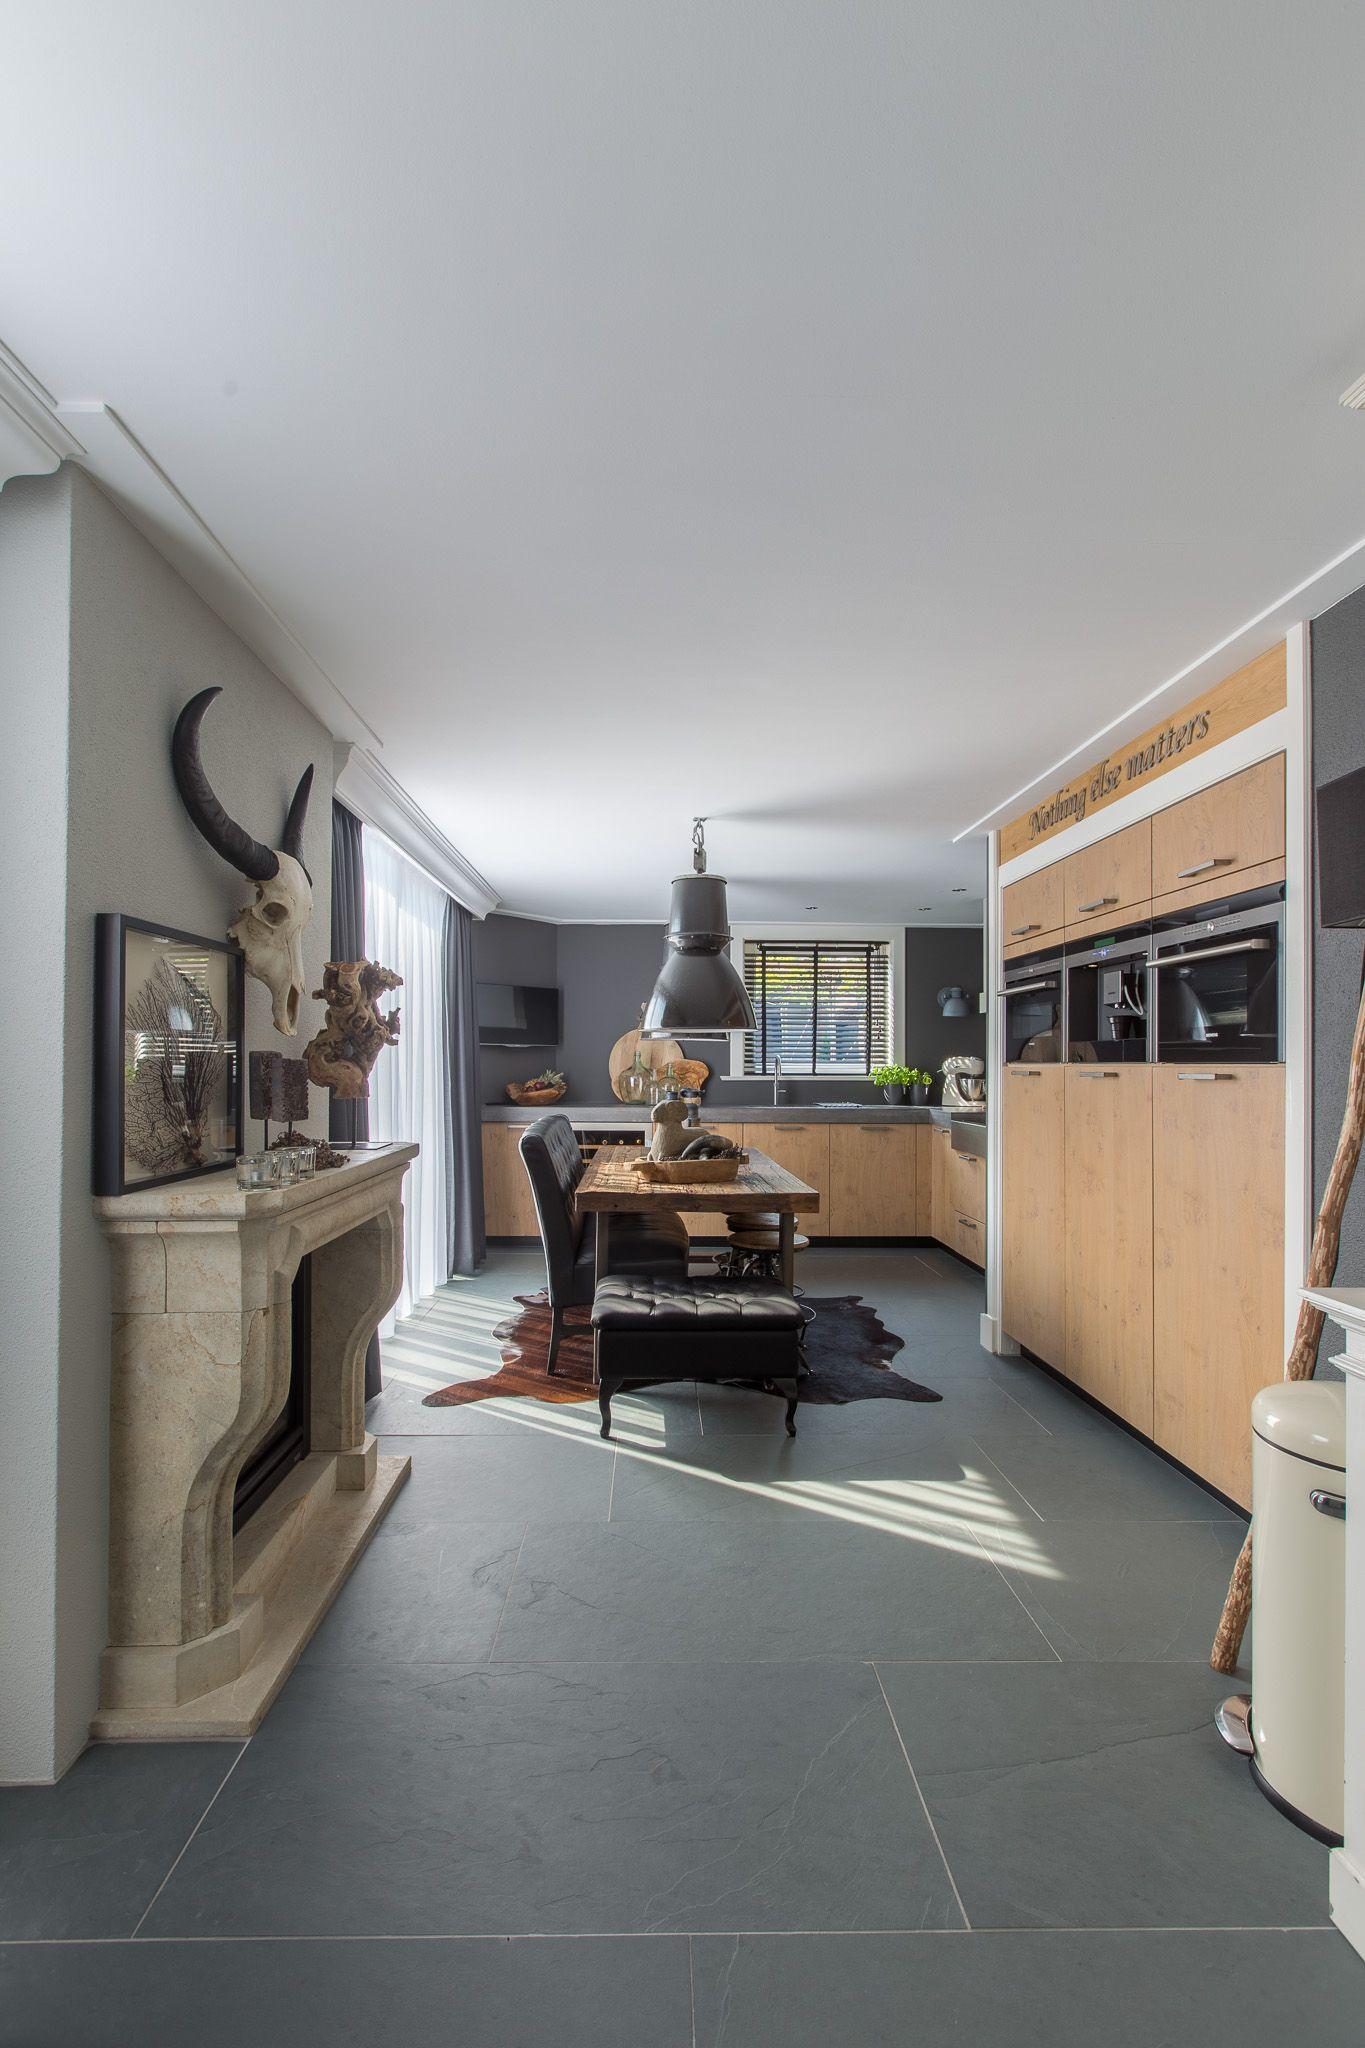 Wunderbar Küchenfliesenboden Home Depot Fotos - Ideen Für Die Küche ...